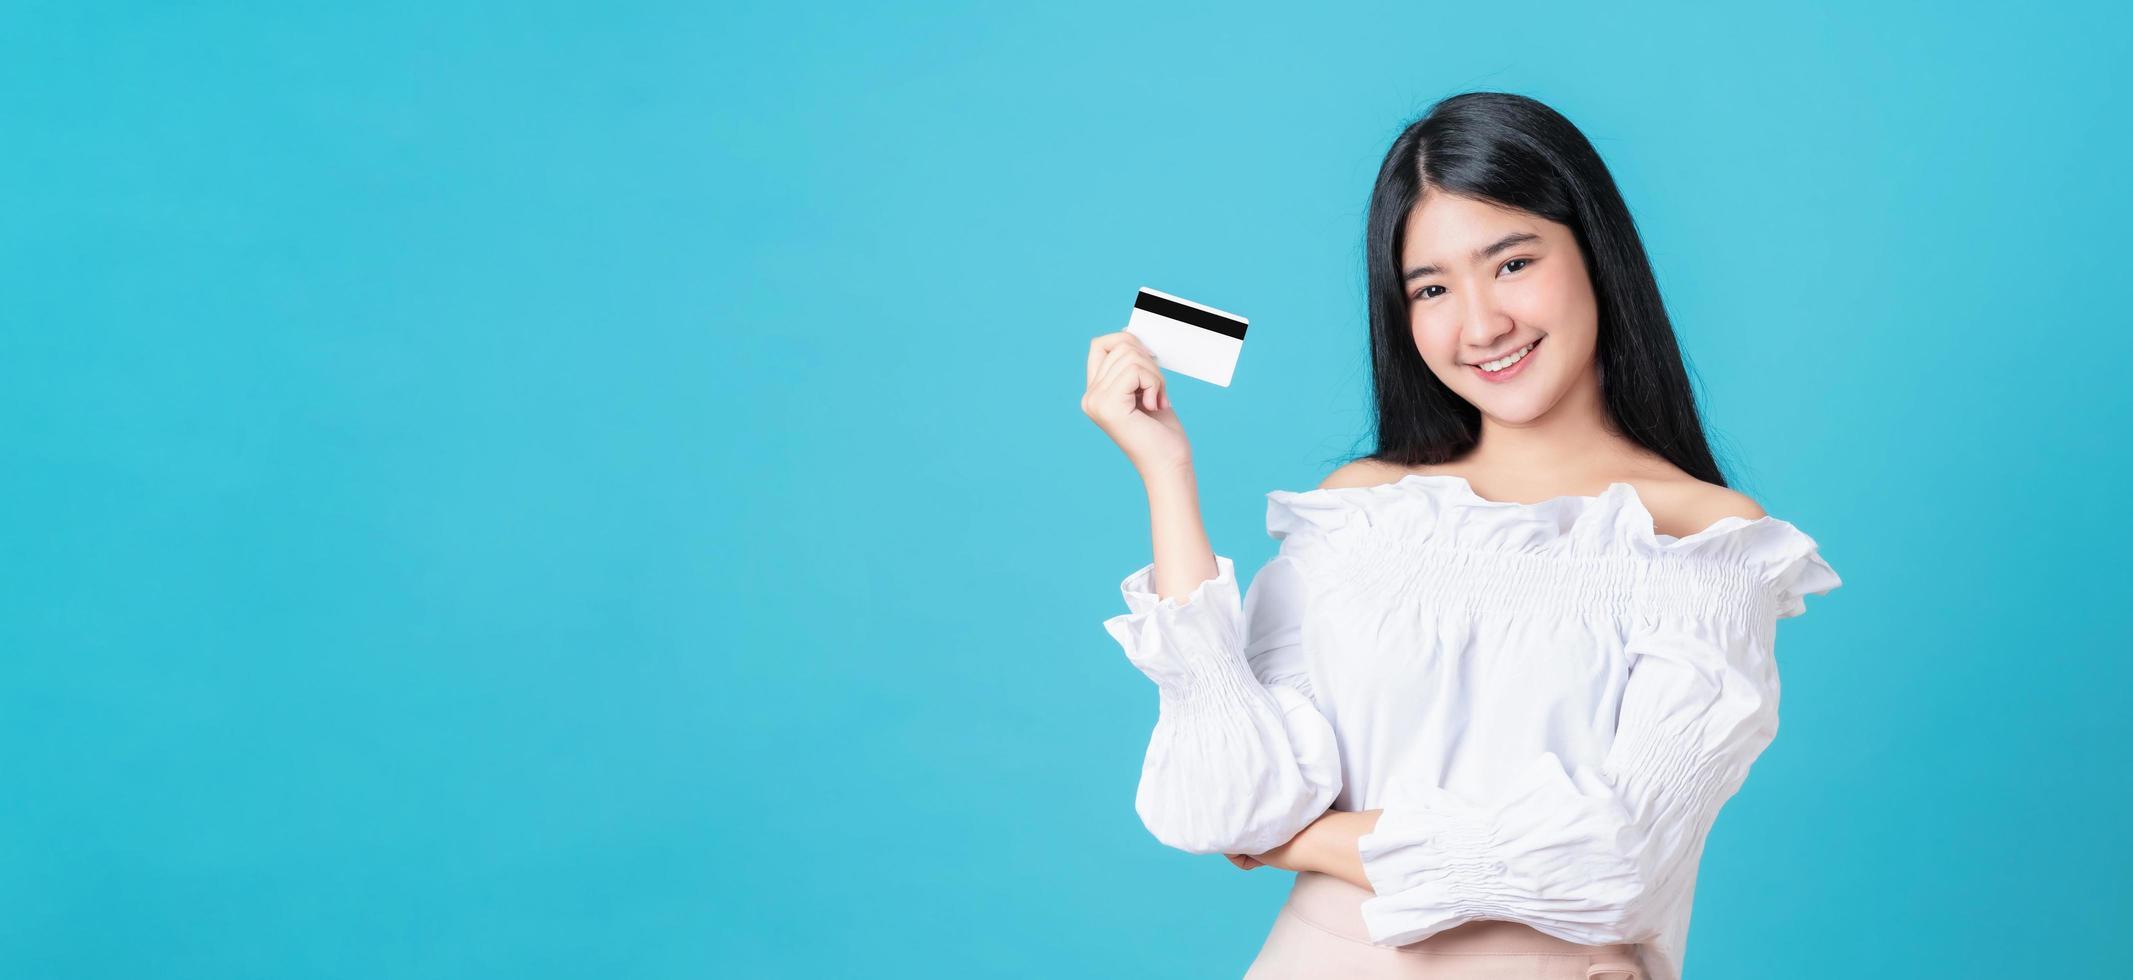 mulher segurando cartão de crédito foto